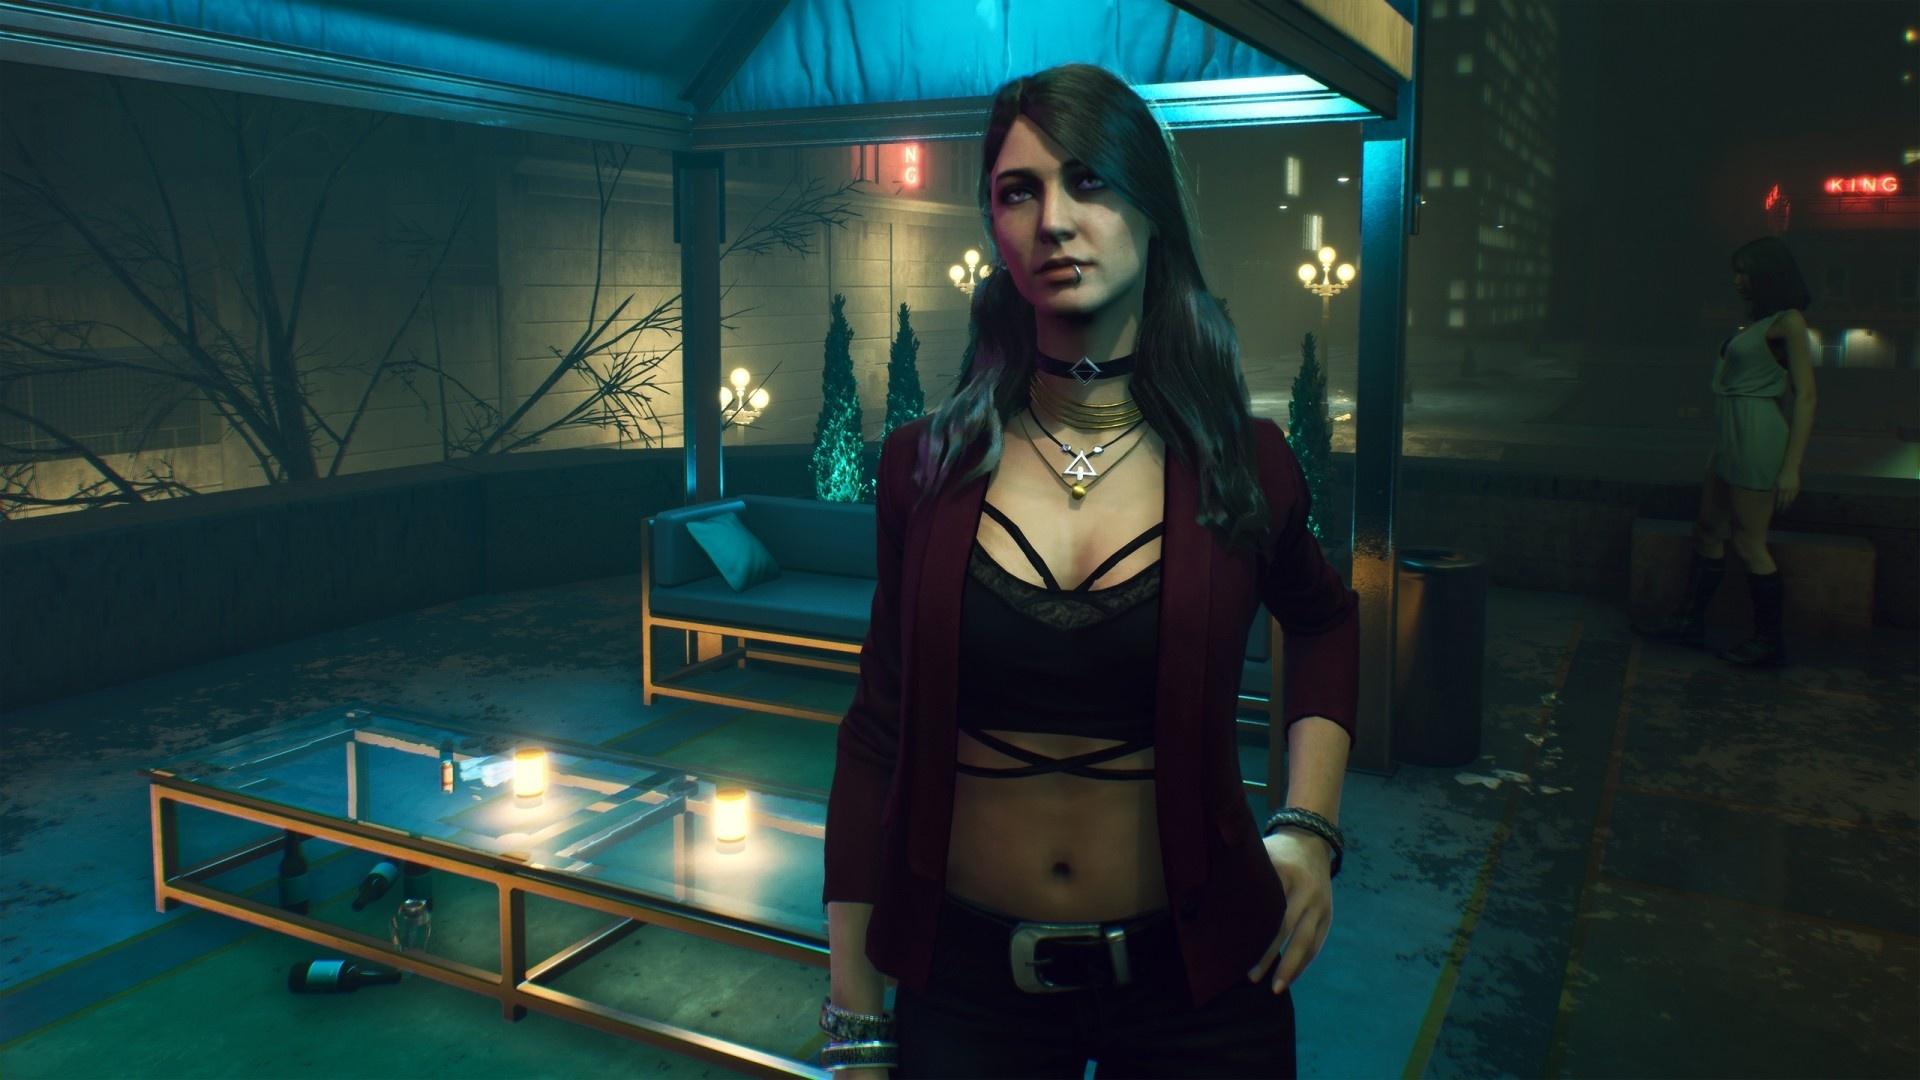 Из команды Bloodlines 2 уволили нарративного дизайнера и творческого директора